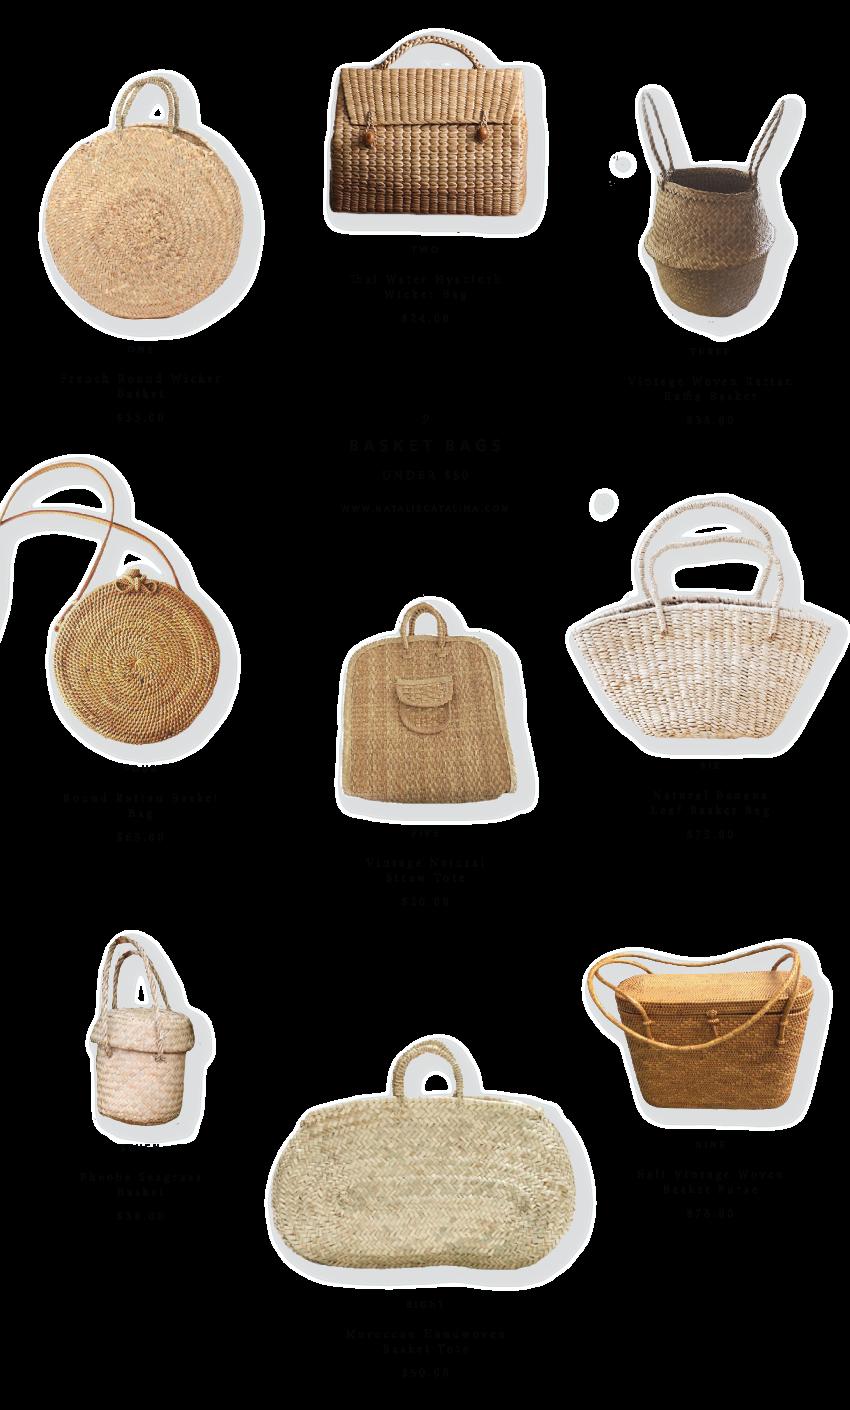 Nine Basket Bags Under $80.00 on Natalie Catalina